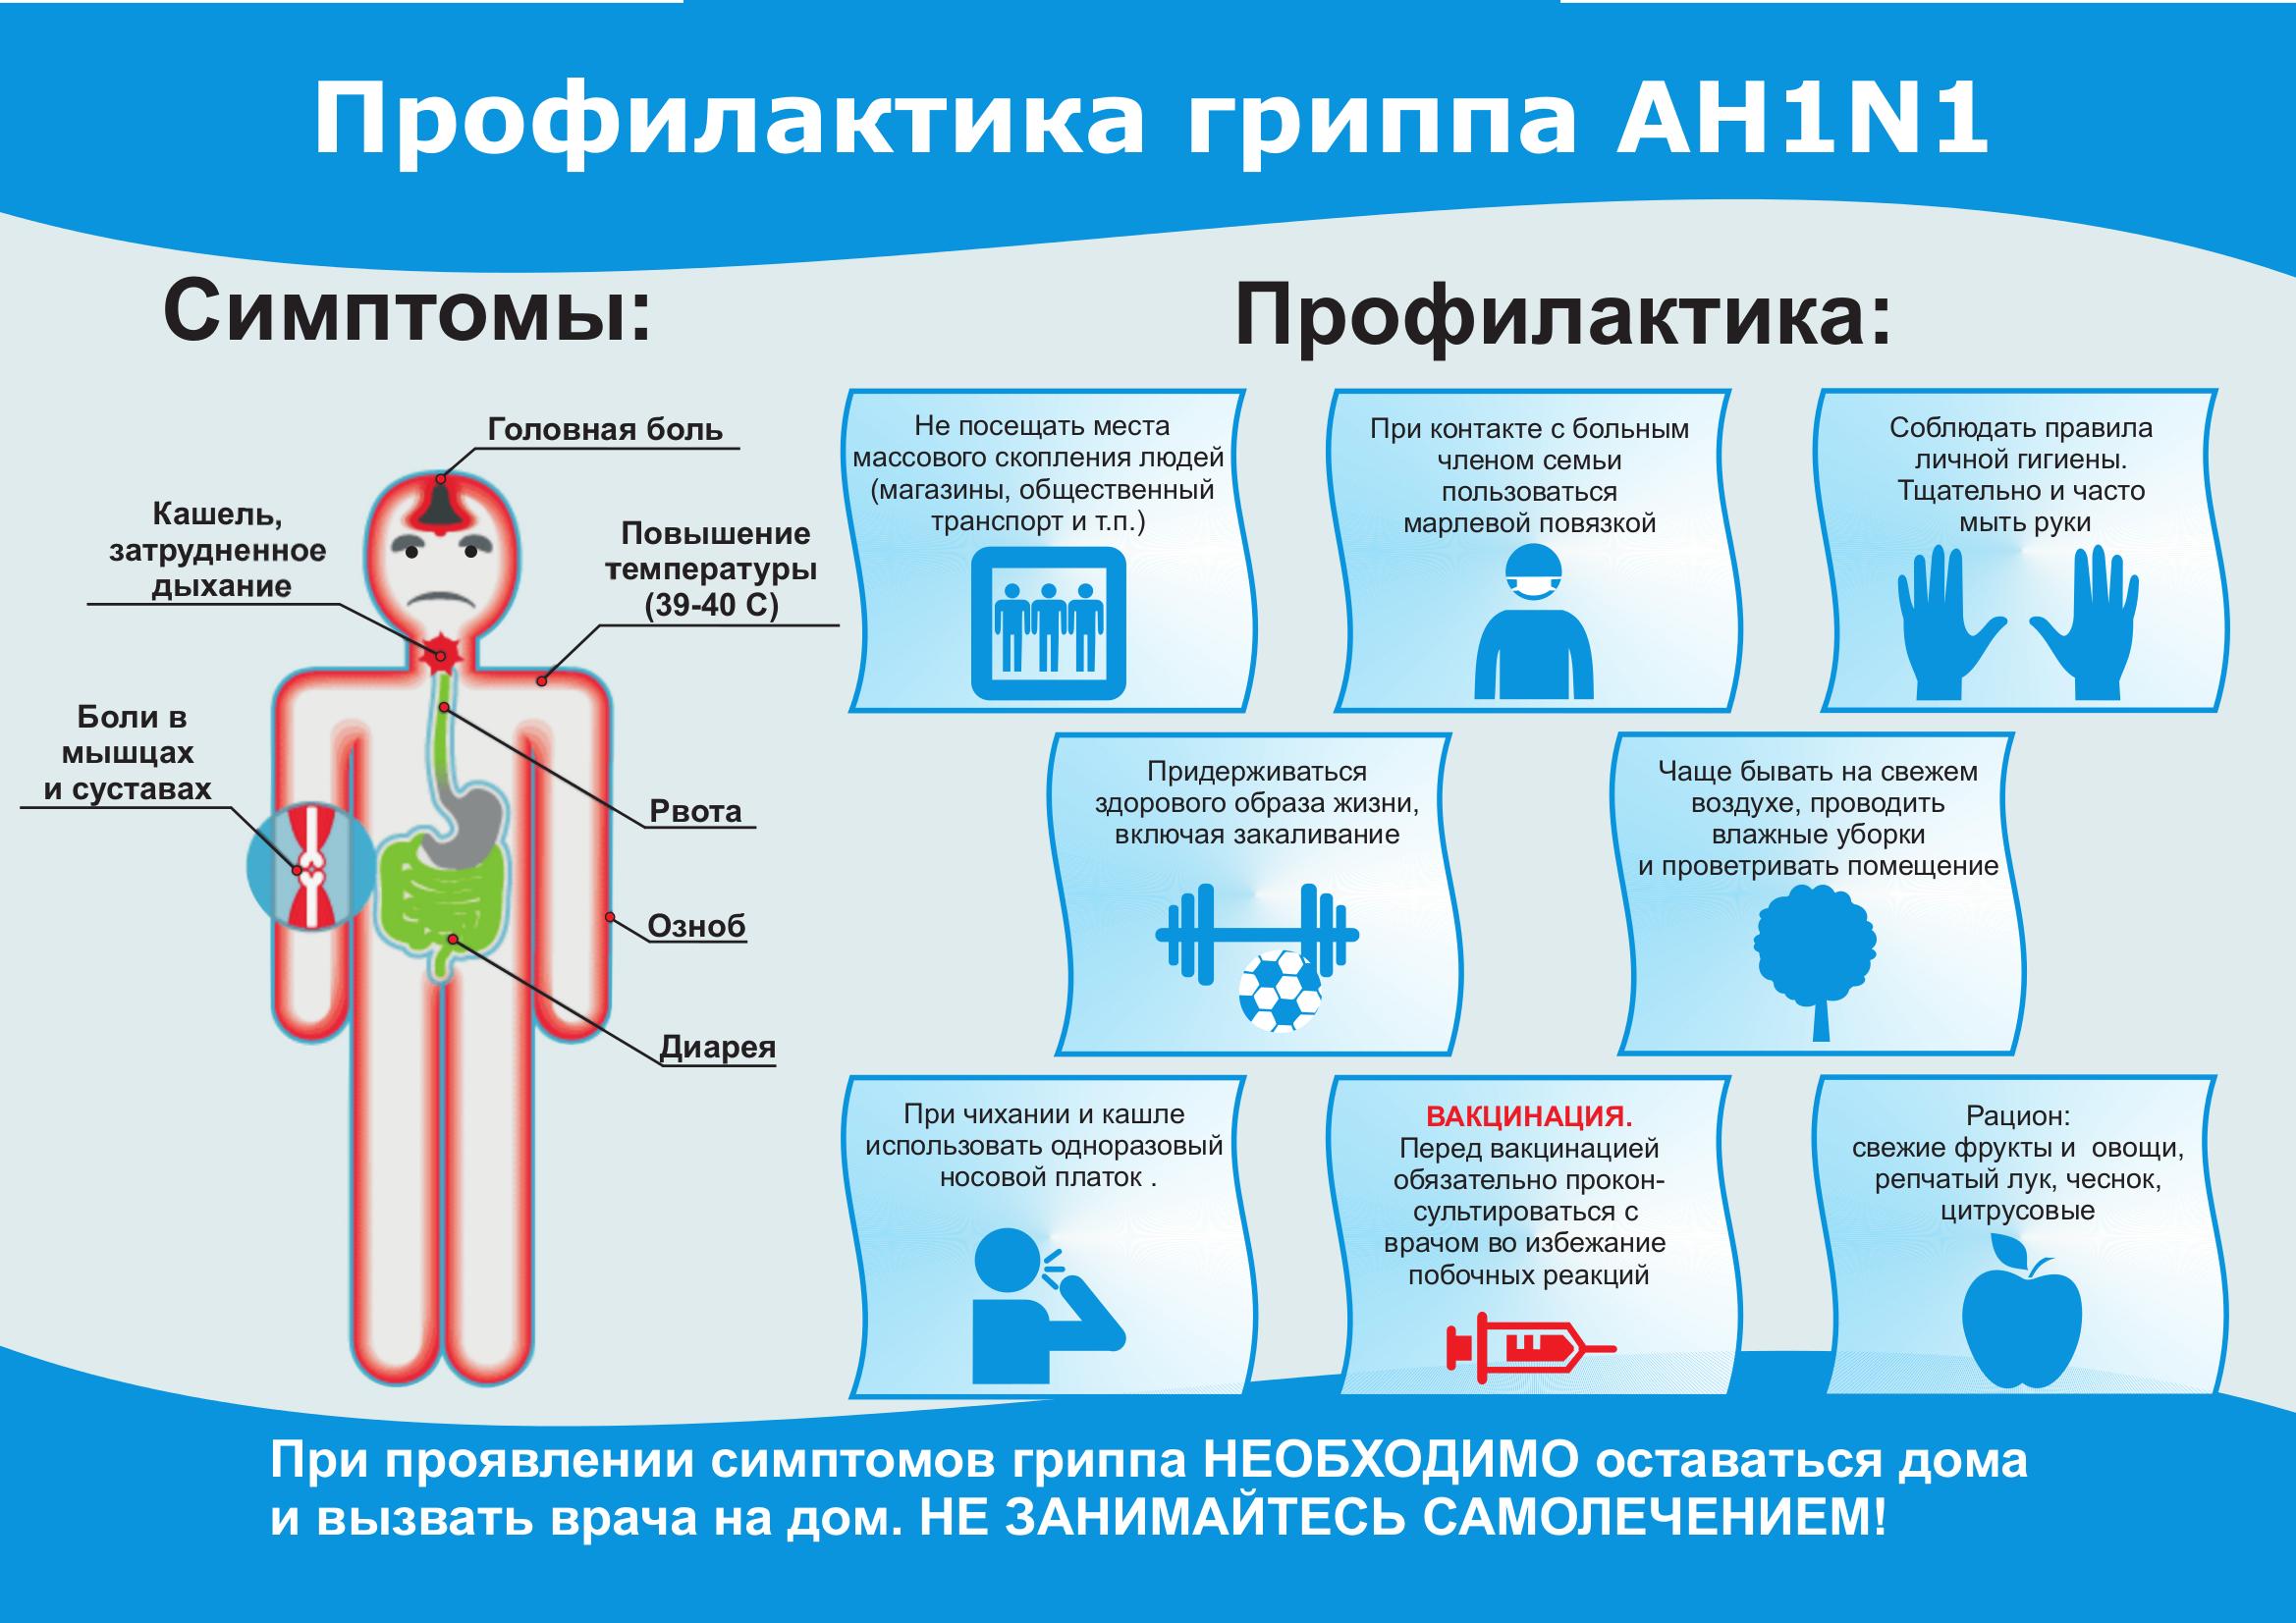 Эффективные препараты для детей при простуде, орви и гриппе